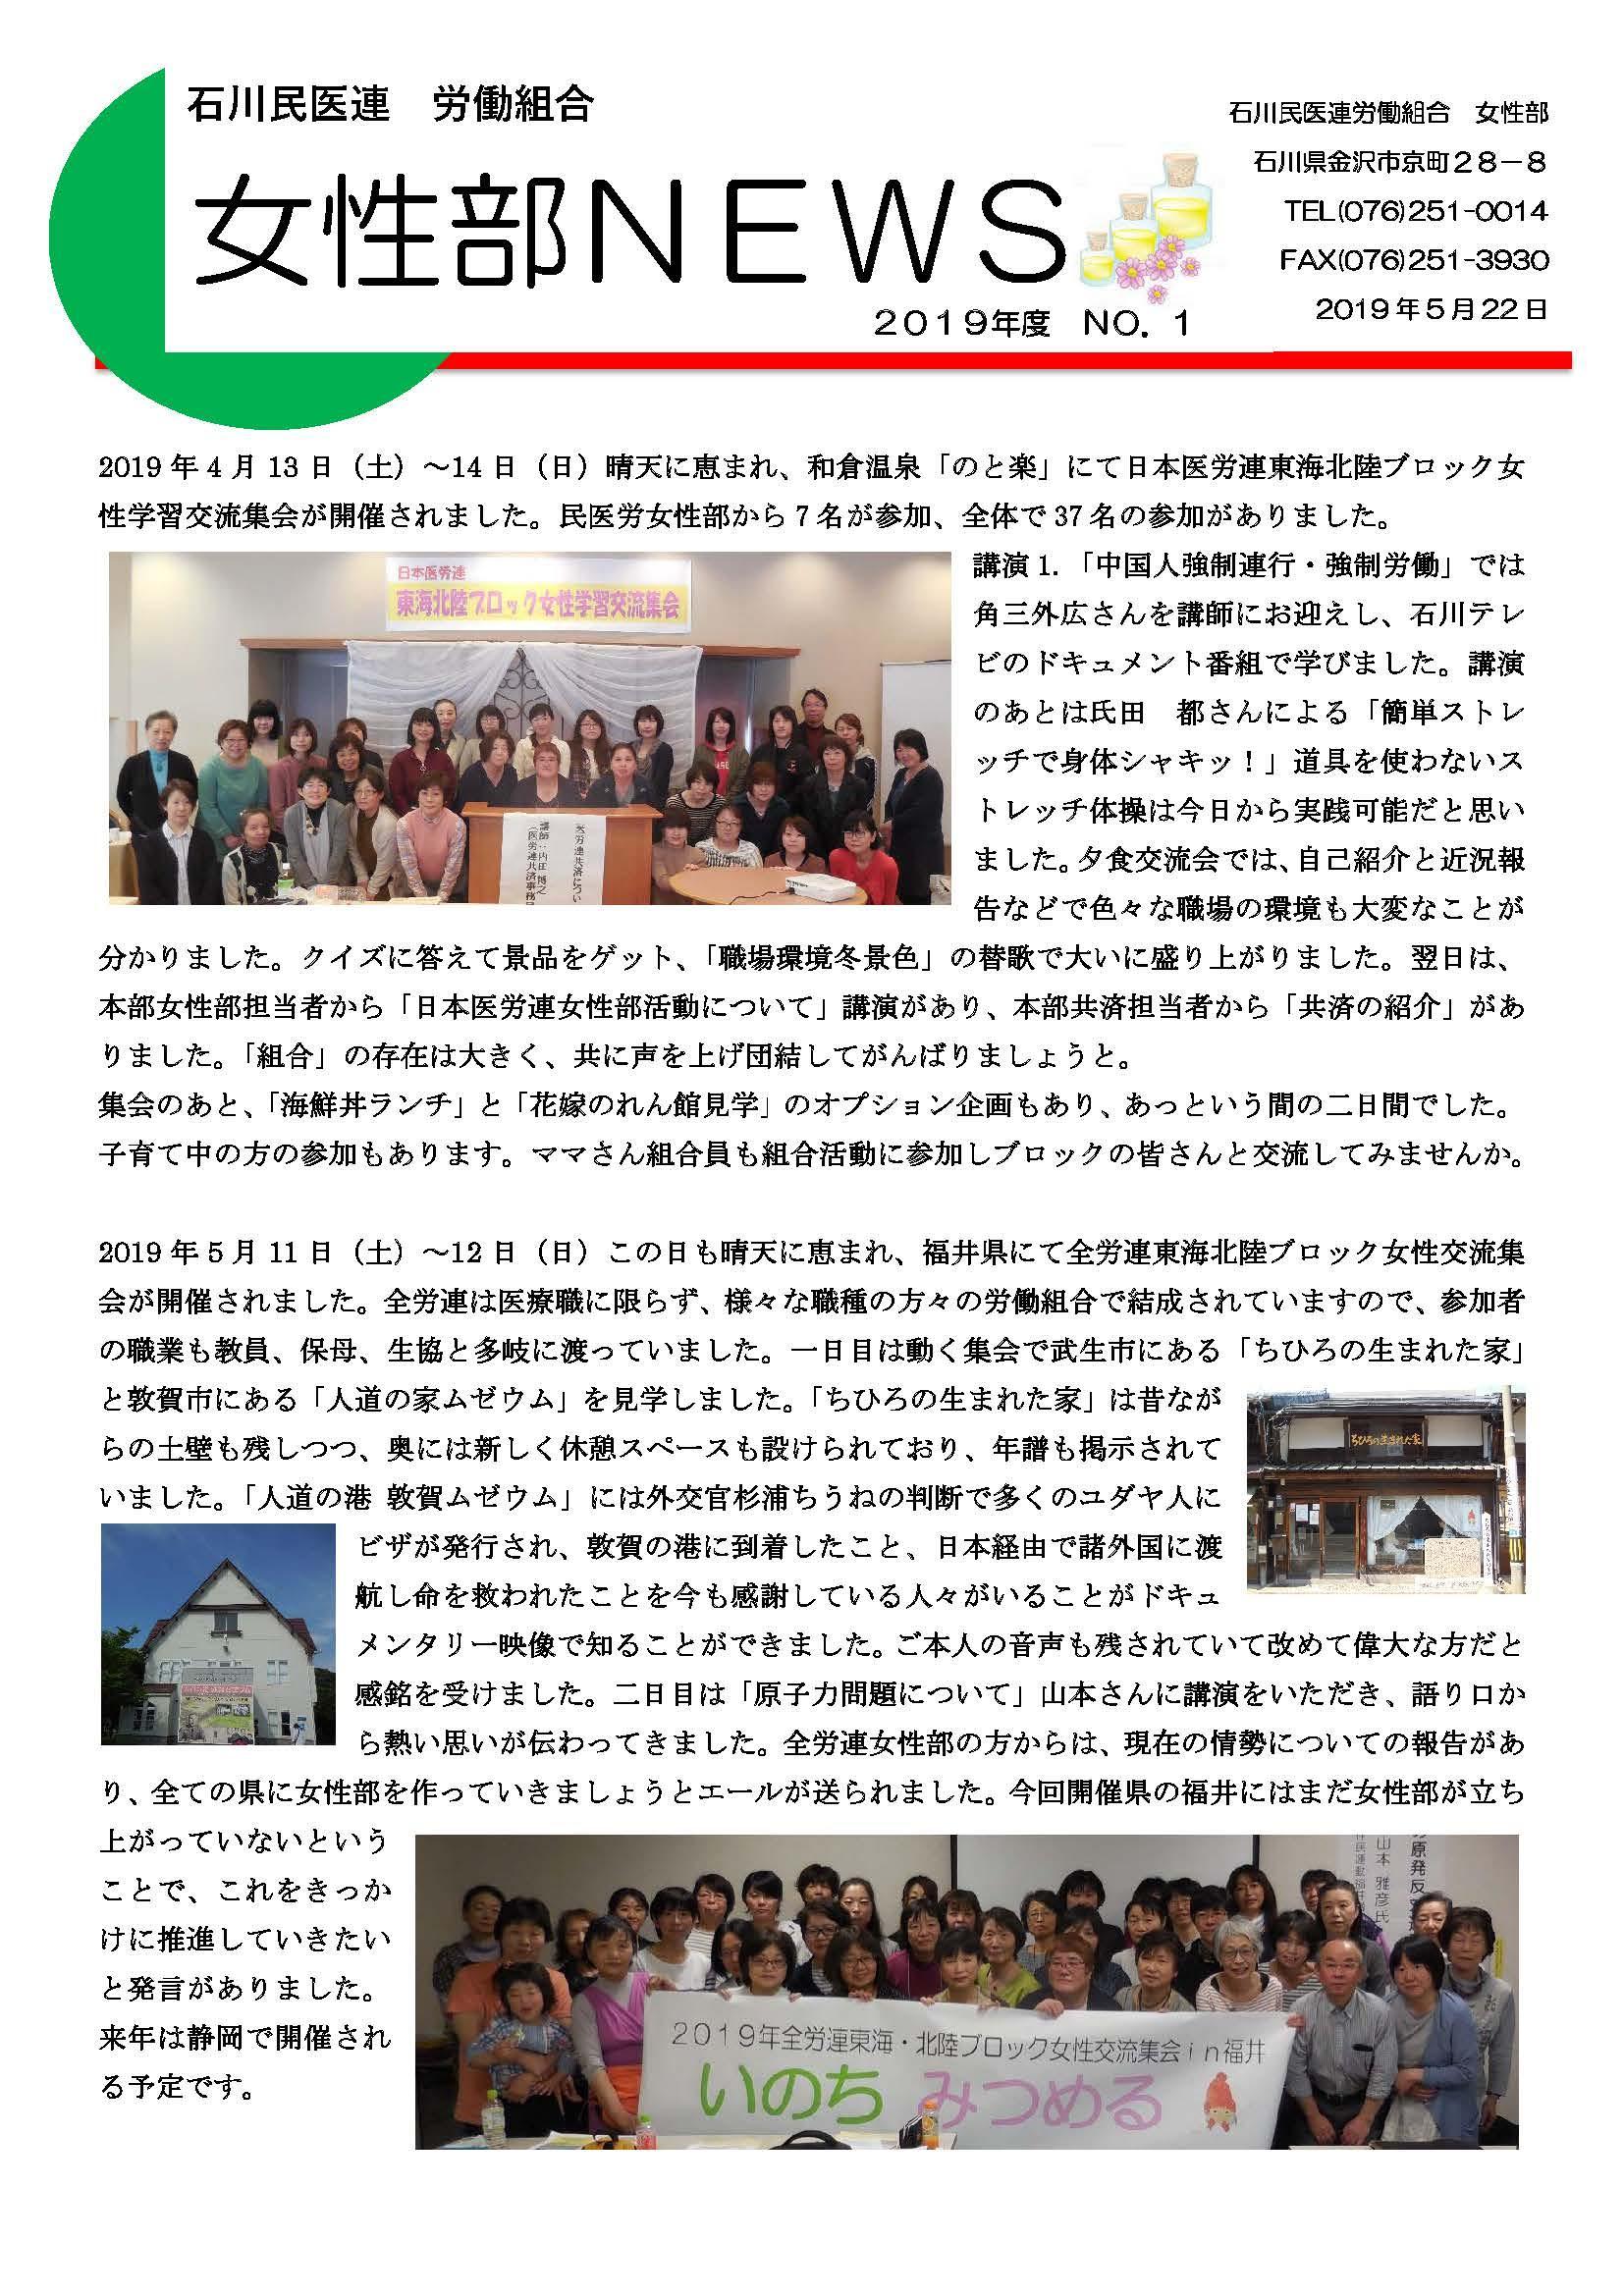 【石川】女性部NEWS2019年 No.1.jpg